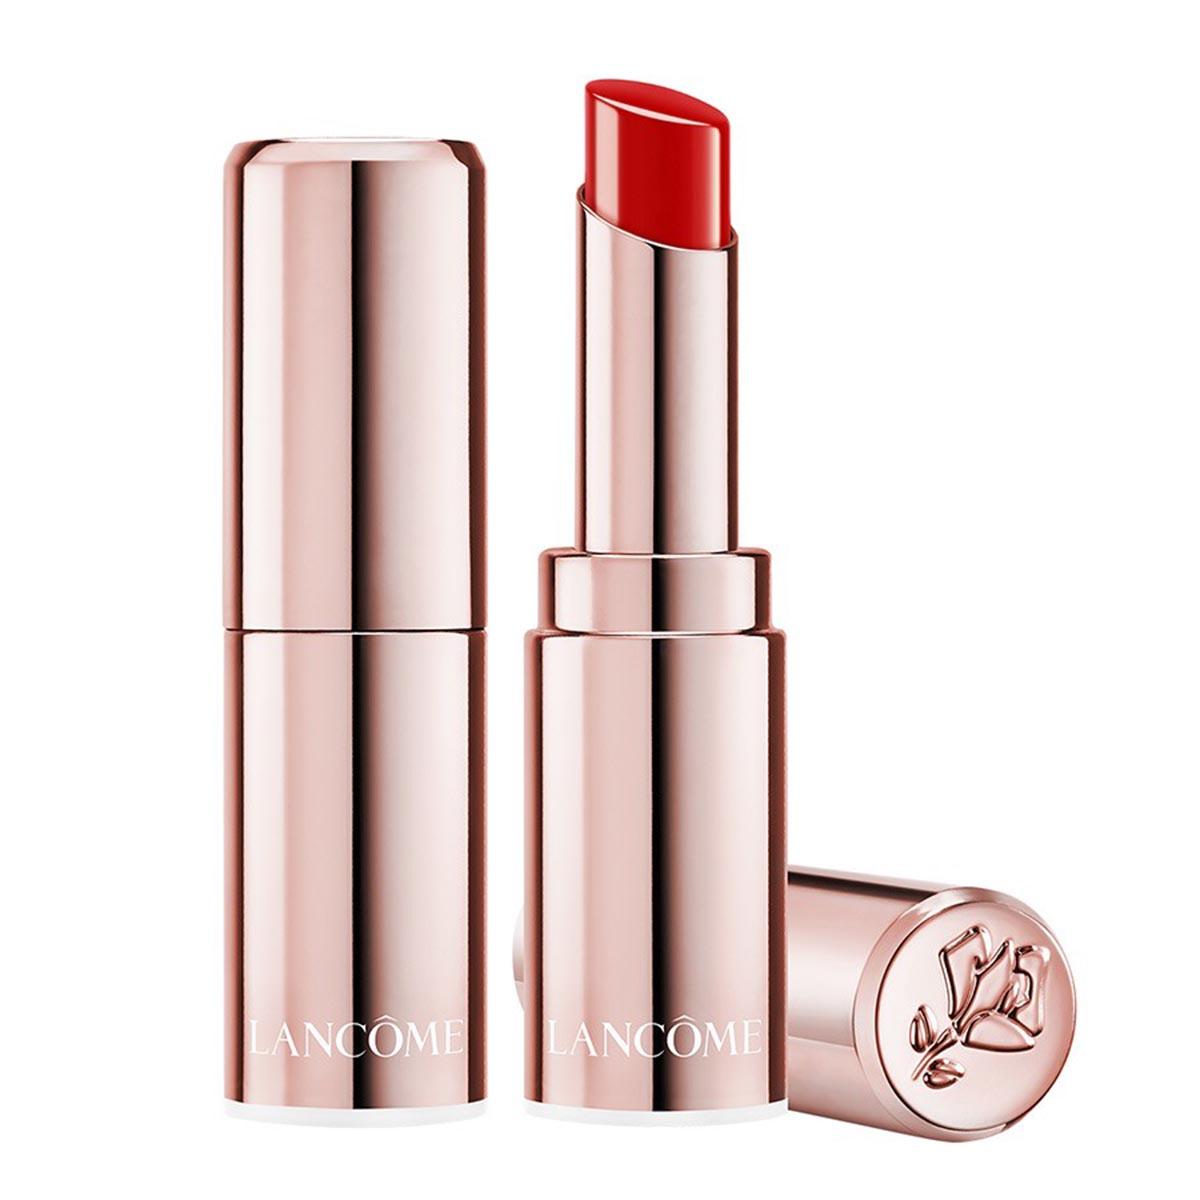 Lancome l absolu mademoiselle shine lipstick 157 mademoiselle